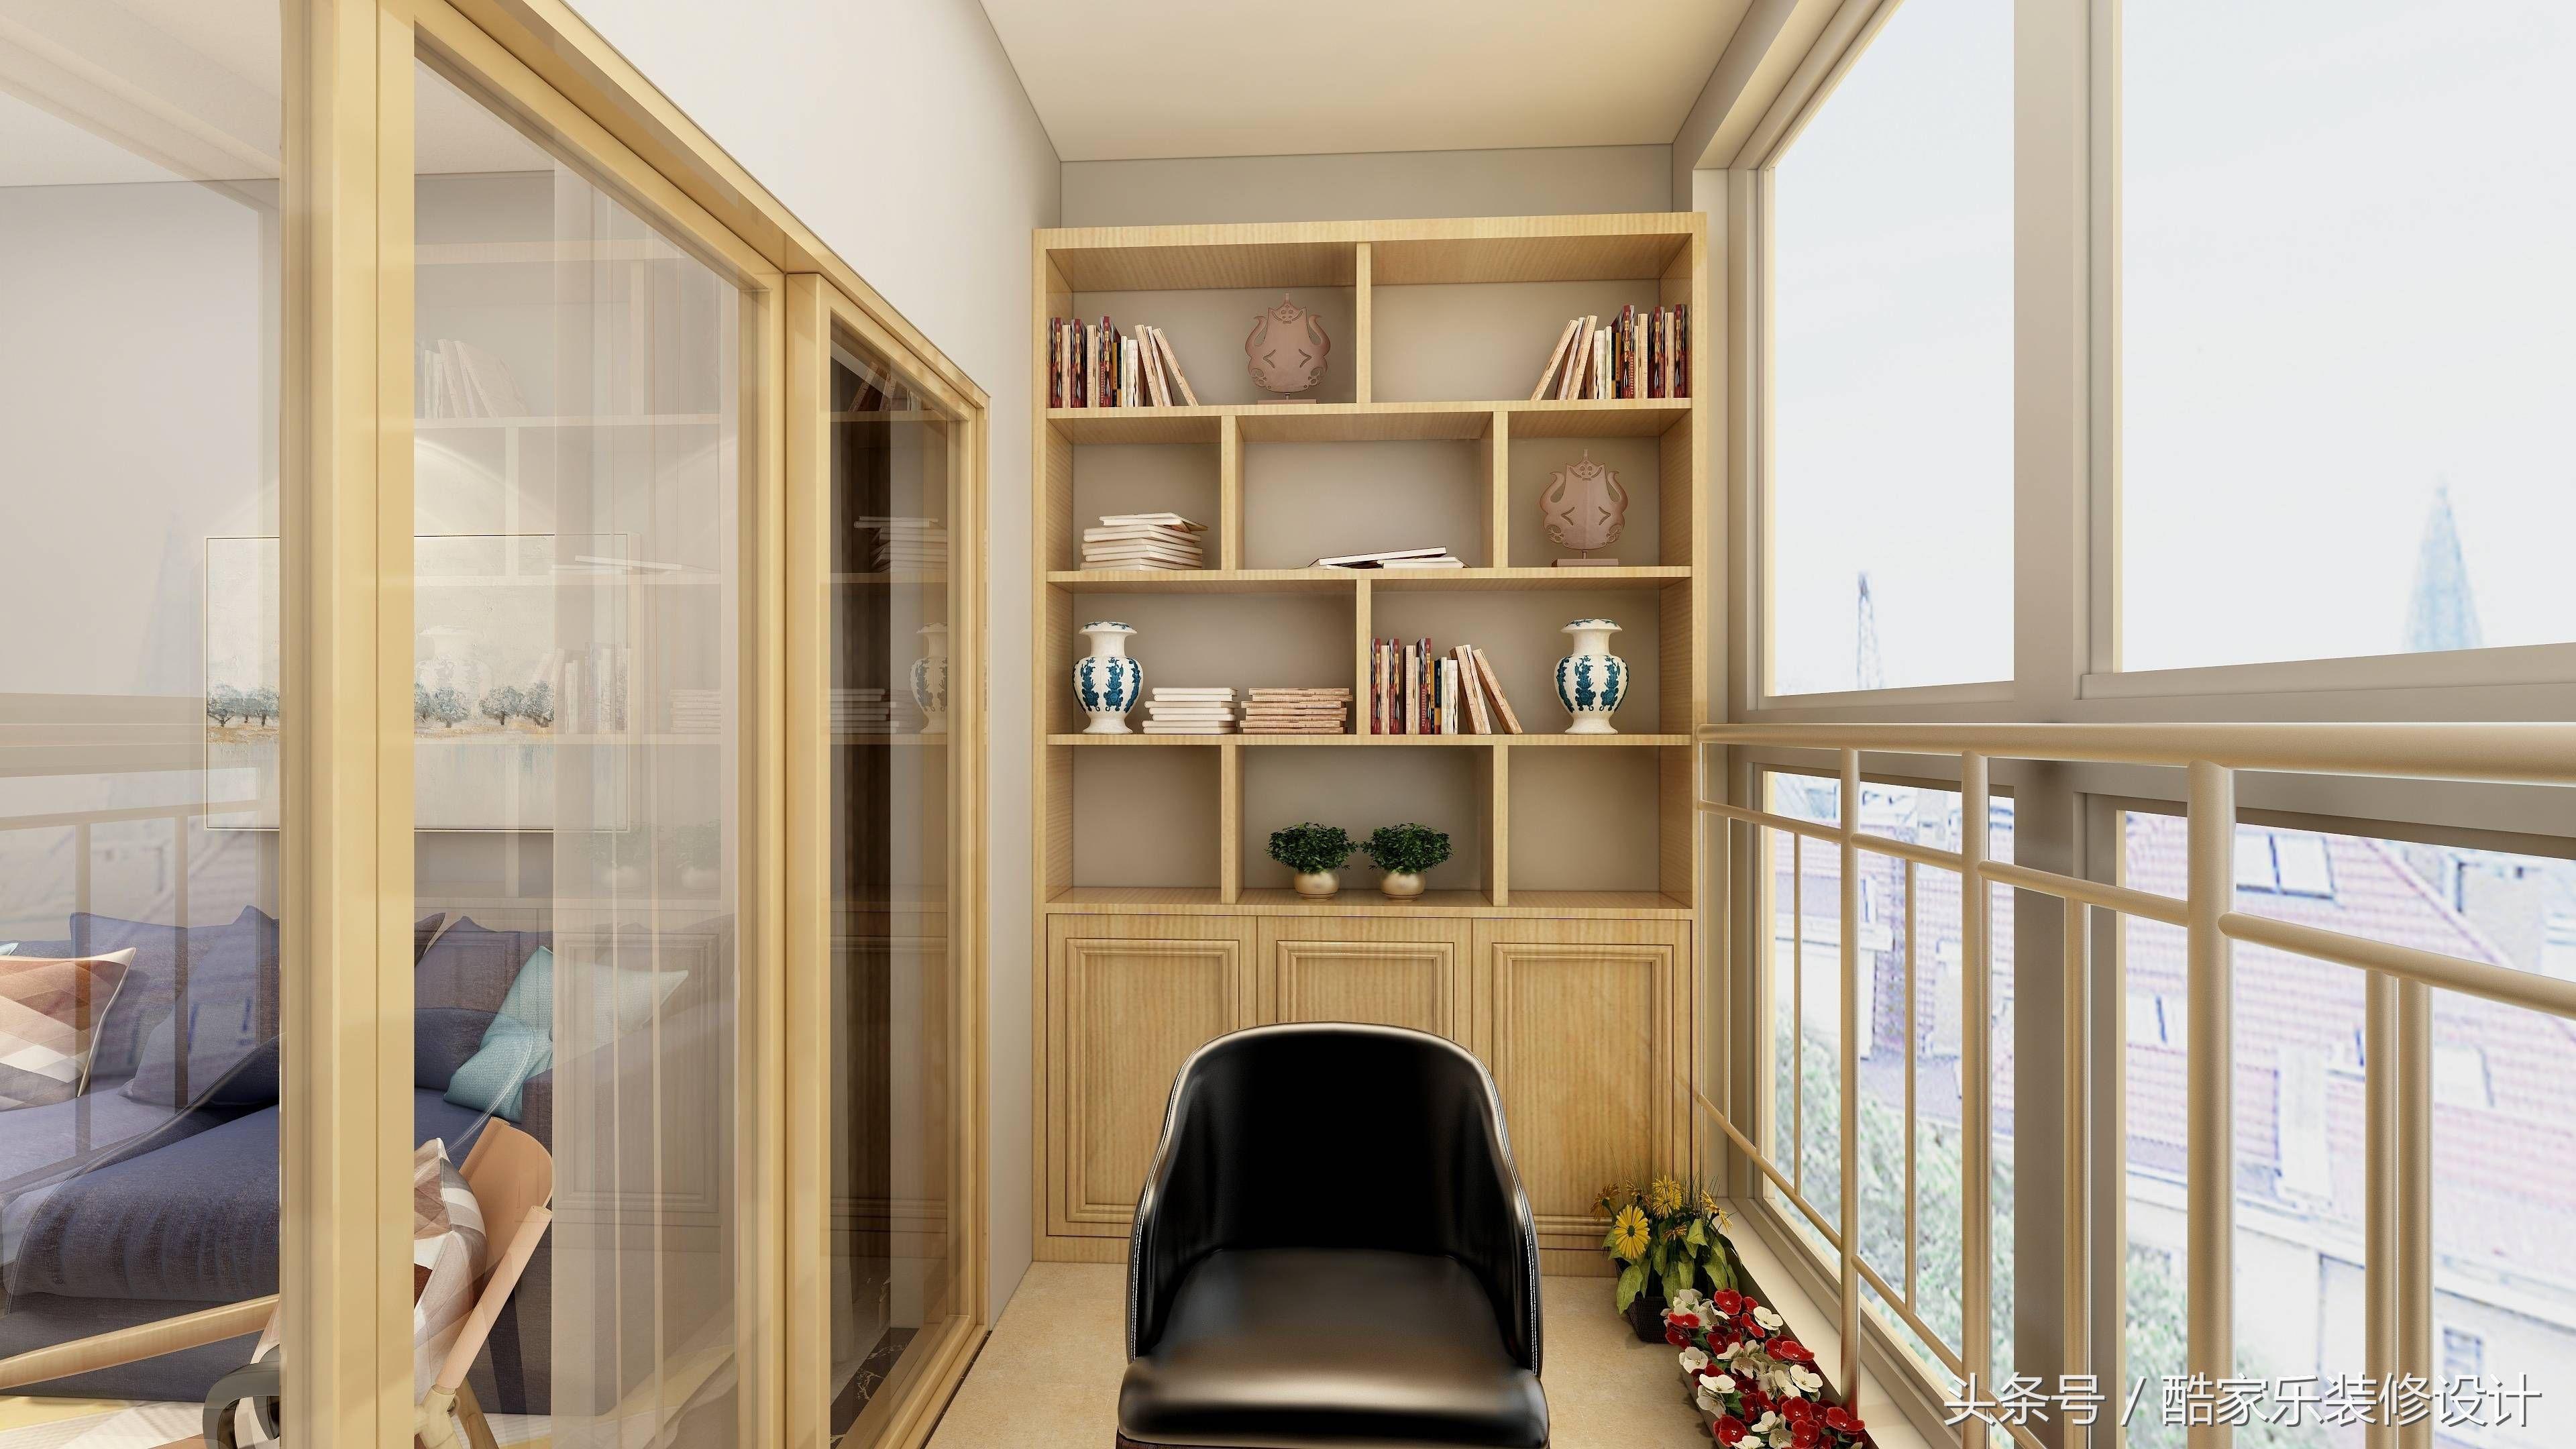 十几款阳台装修风格效果图案例分享!阳台设计图片大全